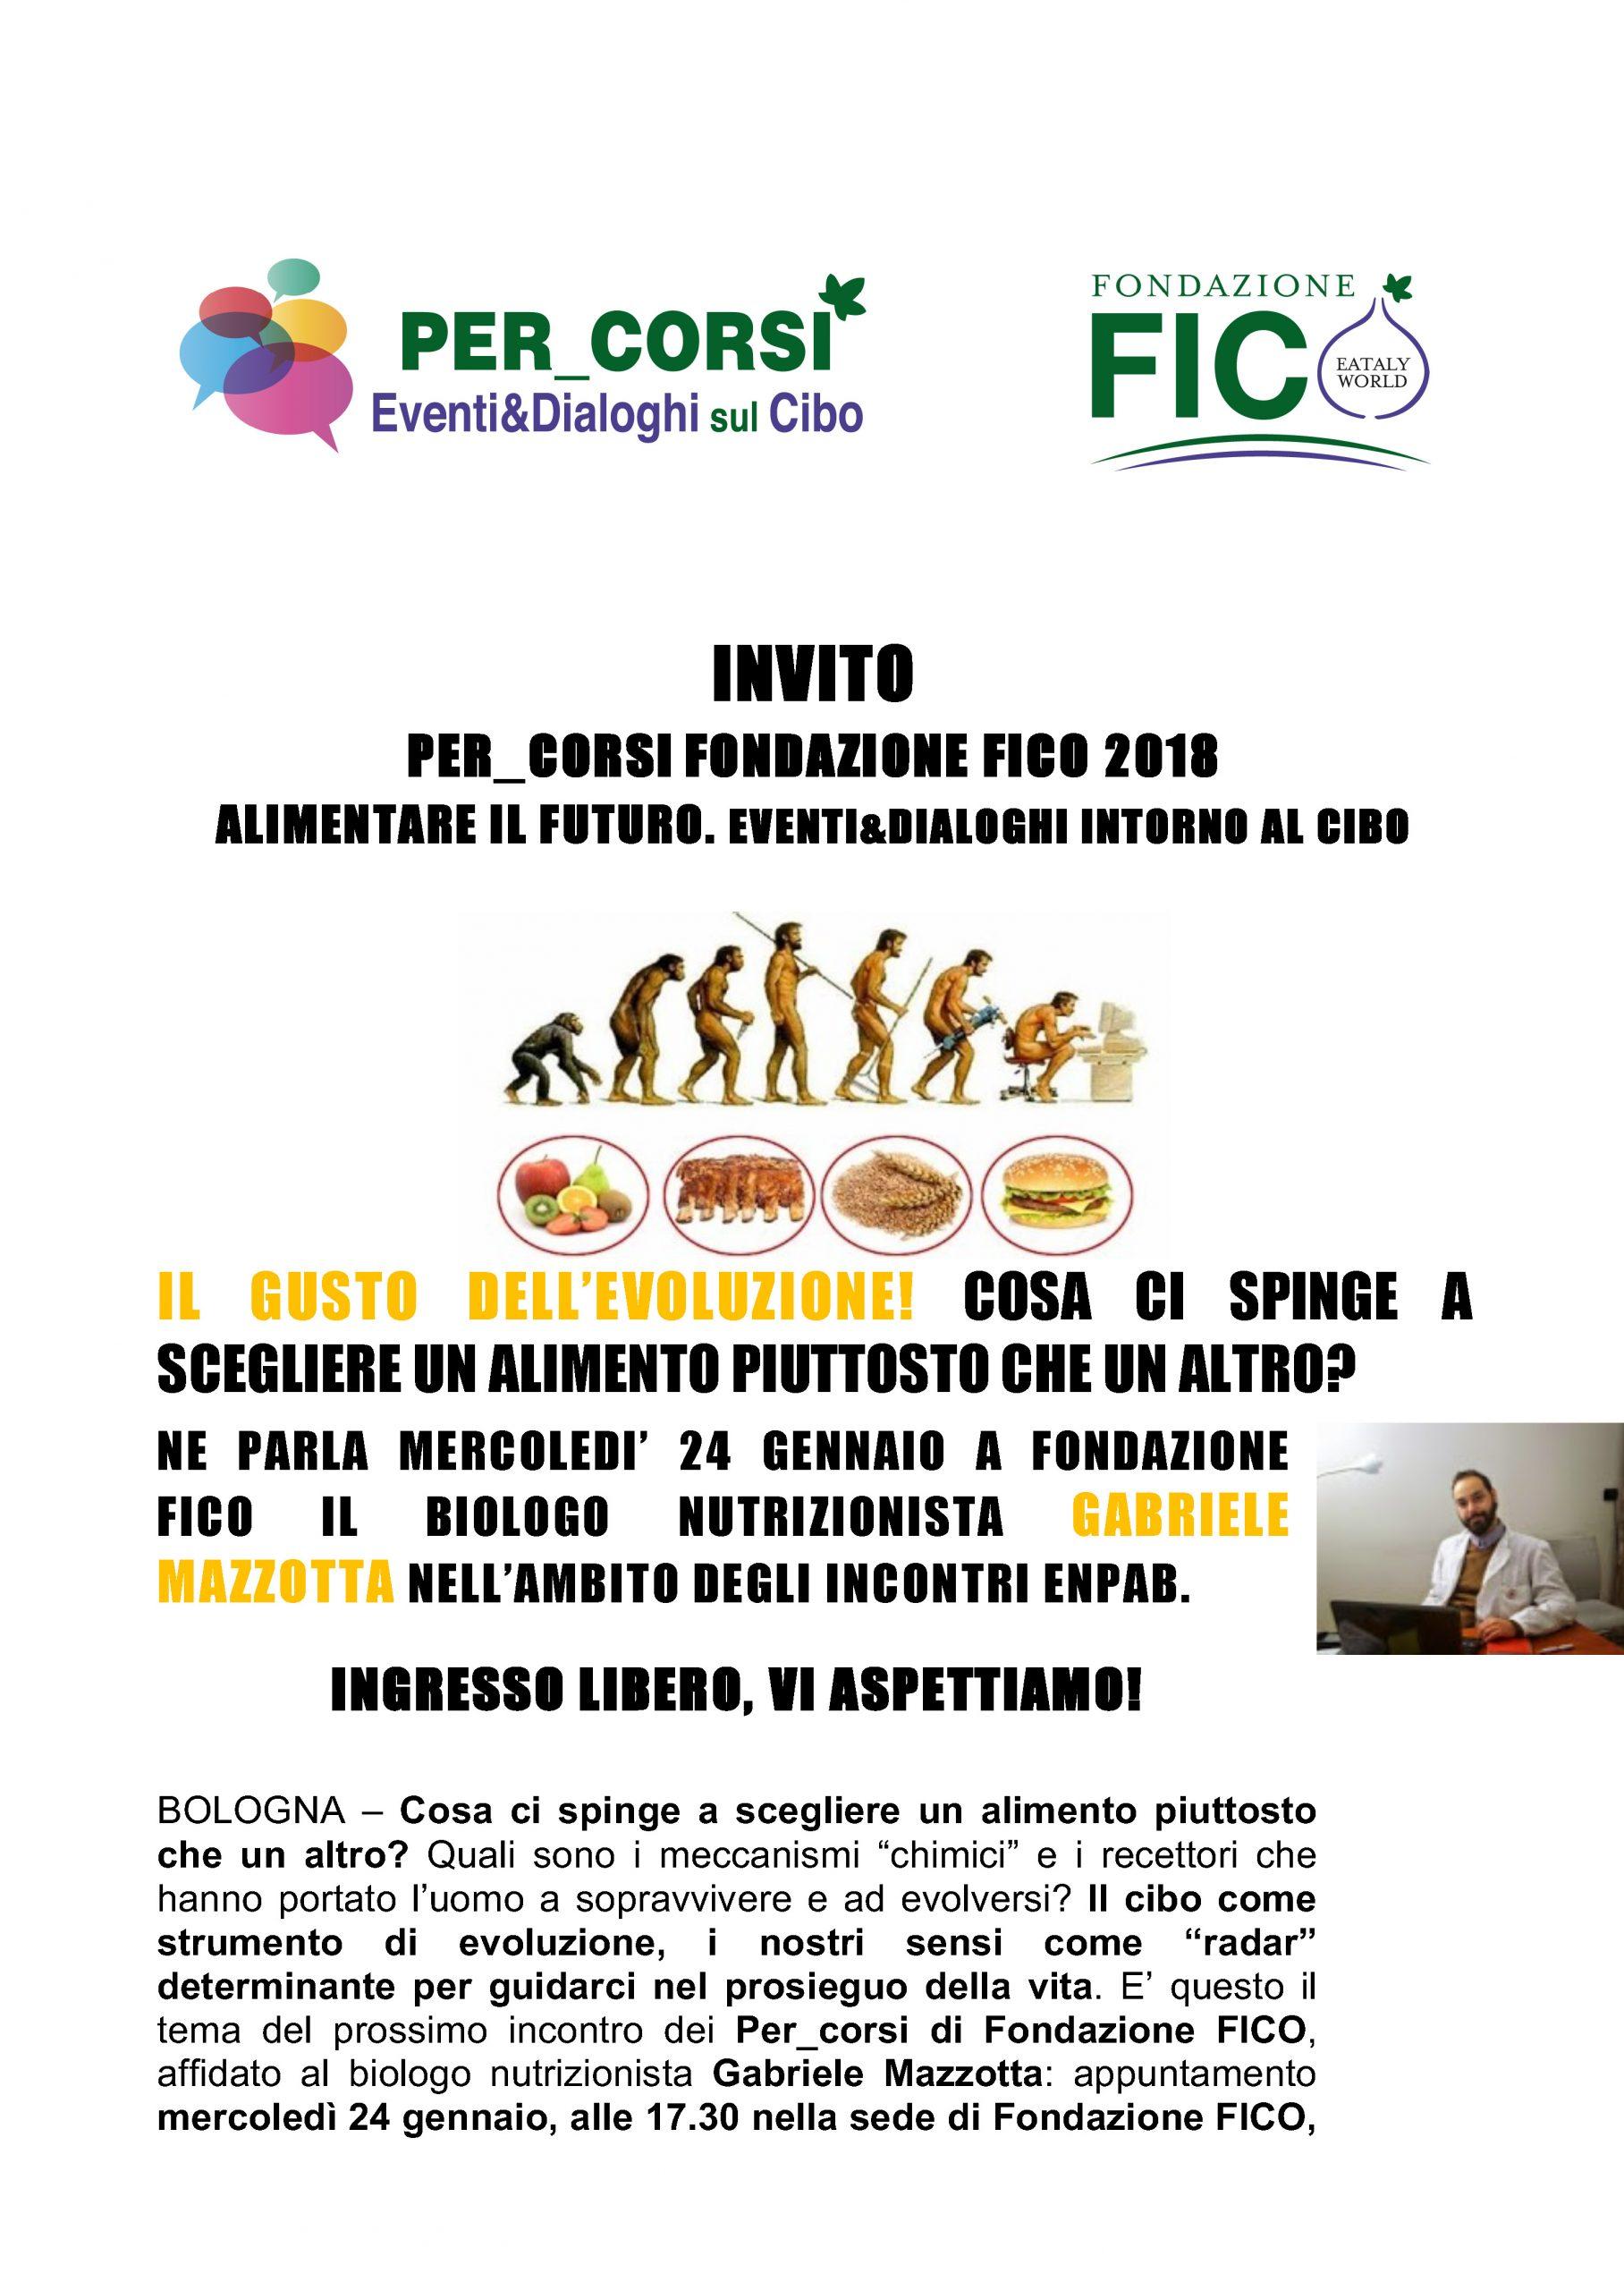 CS-0012-FondazioneFIco-PER_CORSI-24-01-2018_Pagina_1